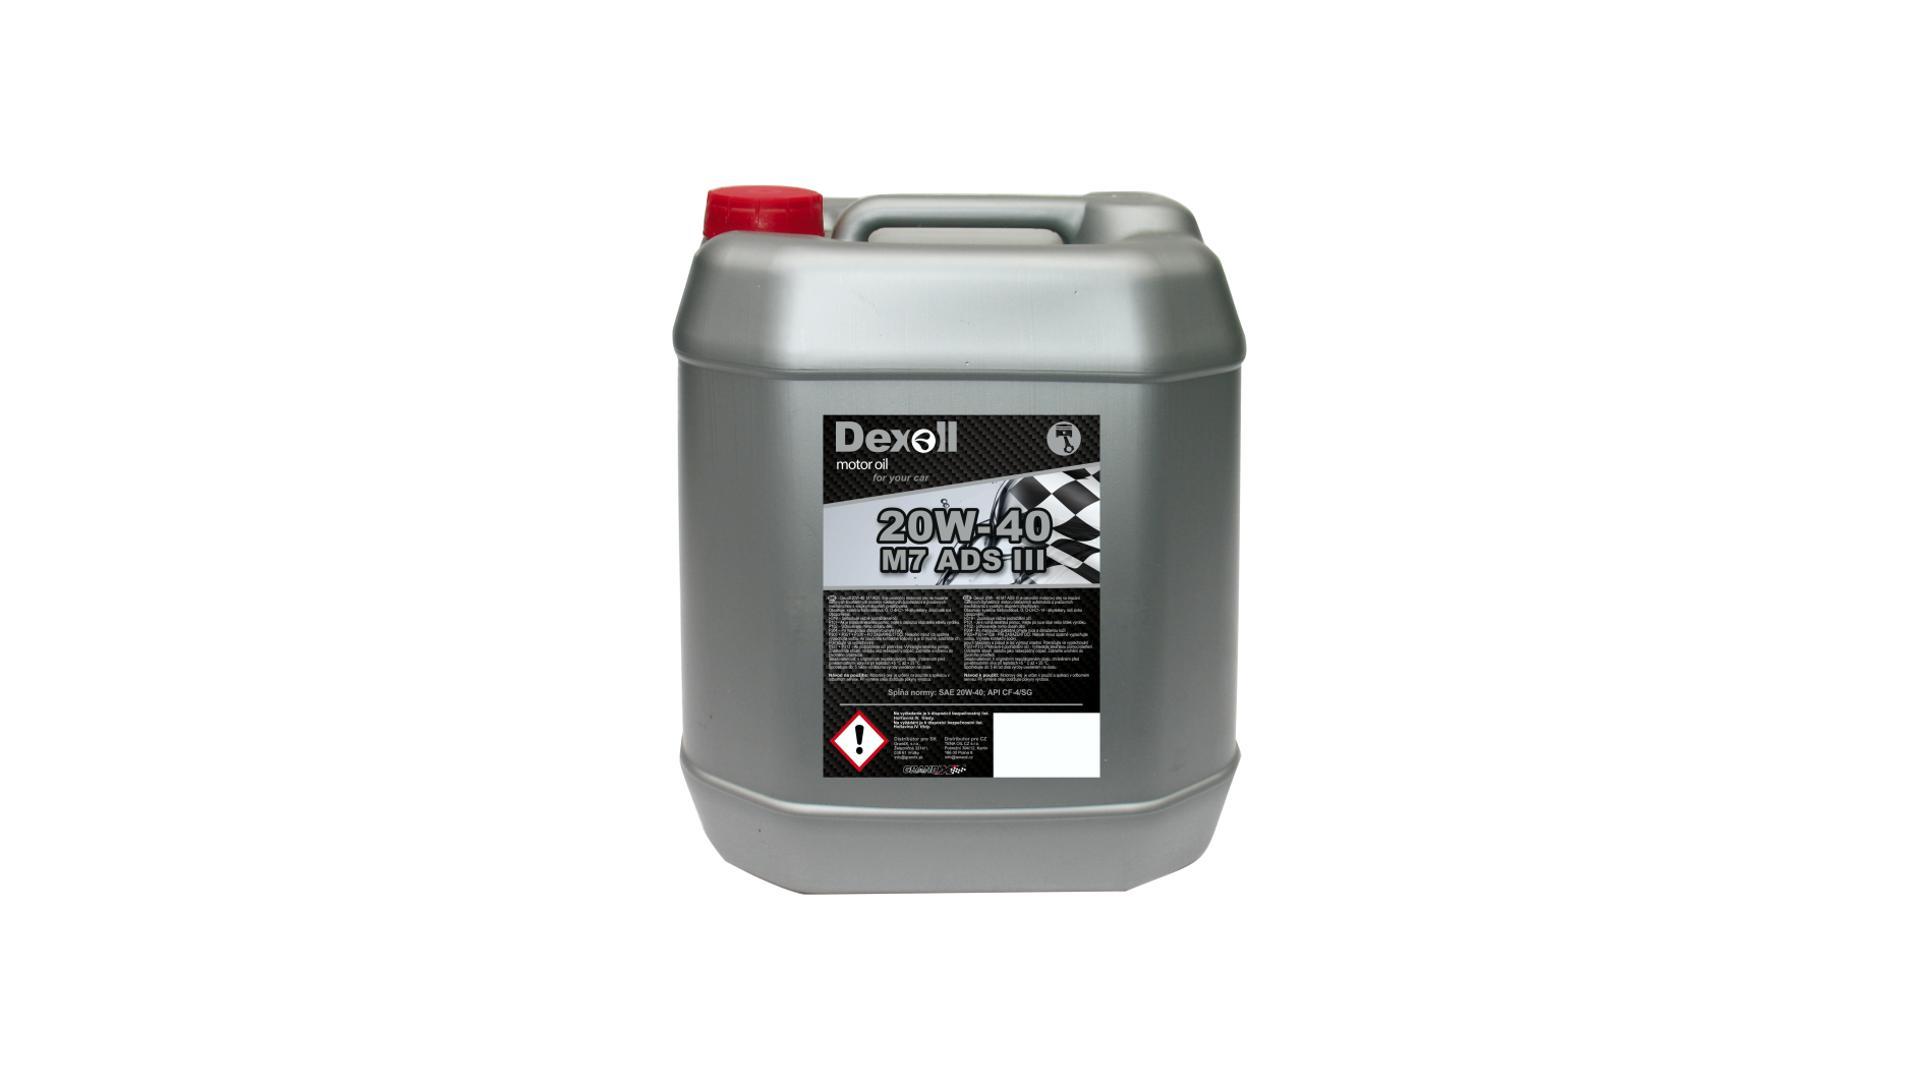 DEXOLL 20W-40 M7 ADS III 10L